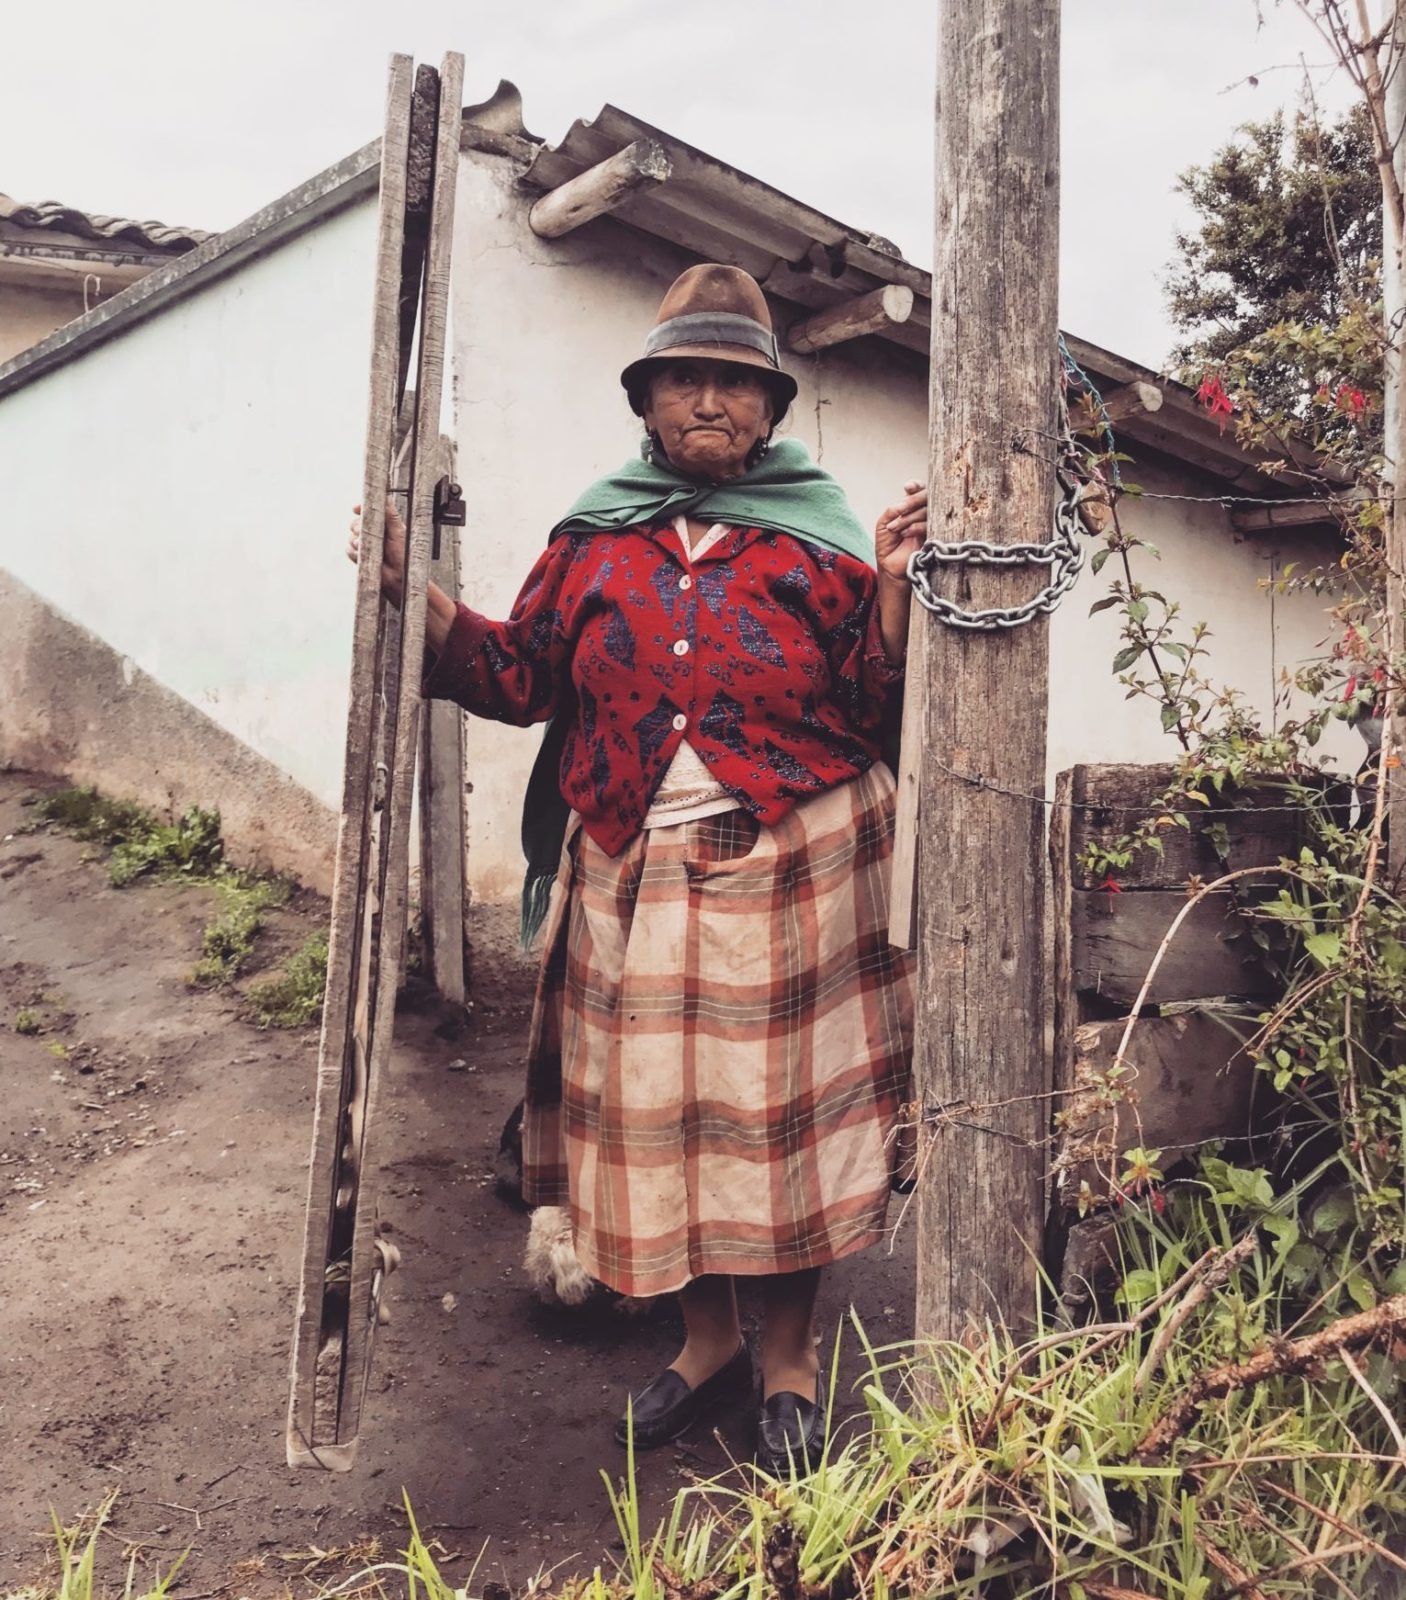 Kobieta w tradycyjnym stroju w Ekwadorze